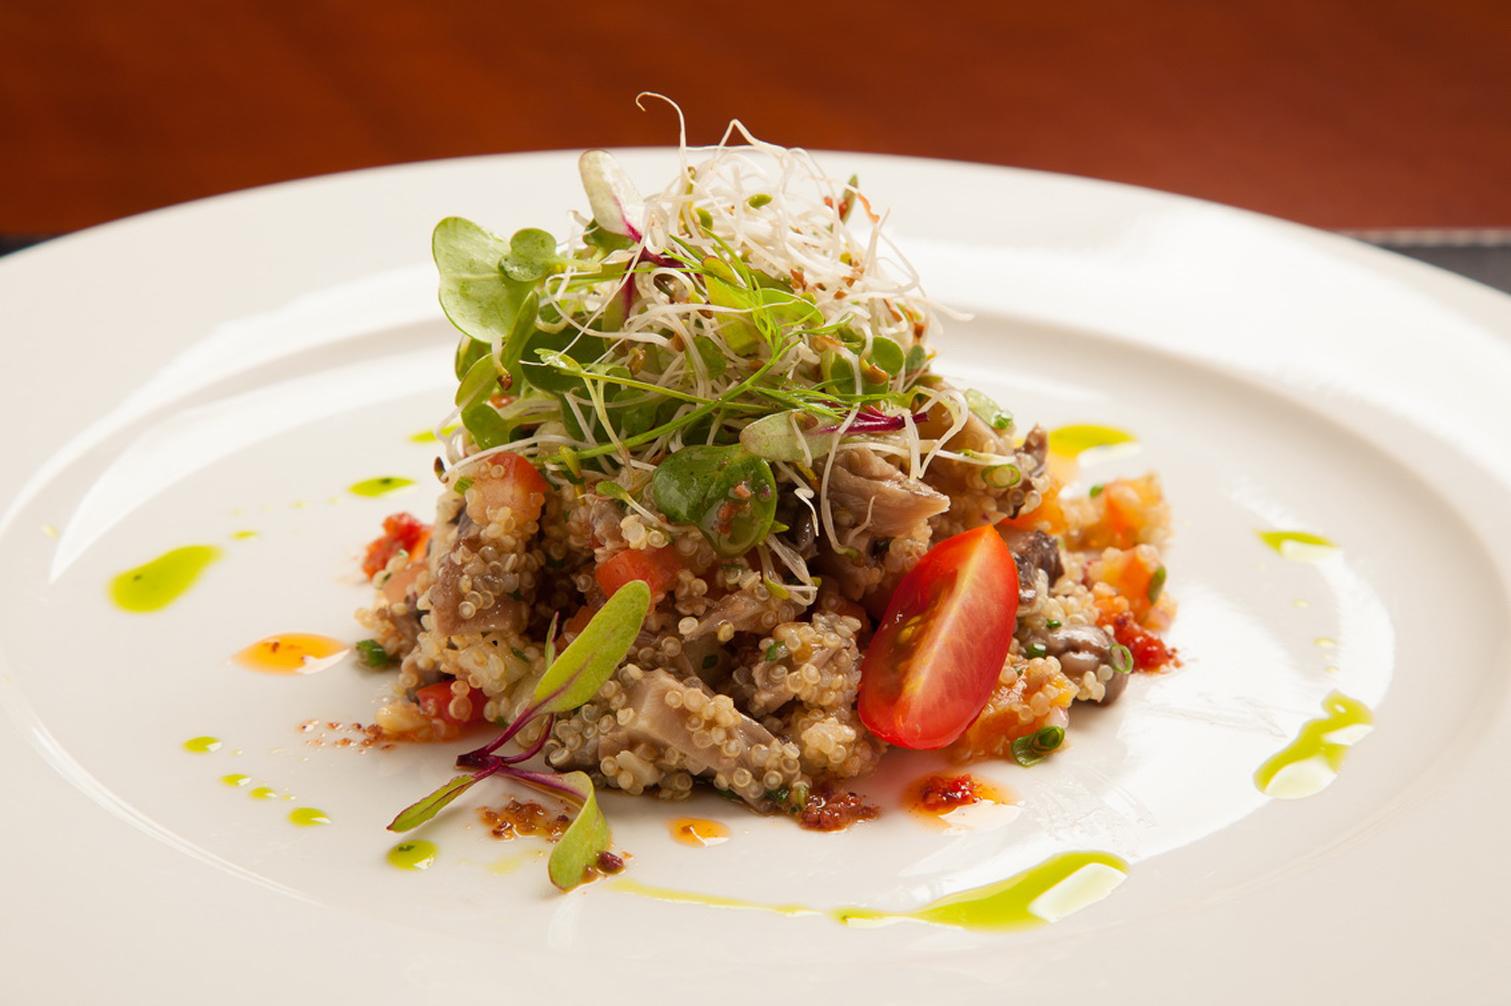 Salada de quinoa com legumes, uva passa e castanha de caju